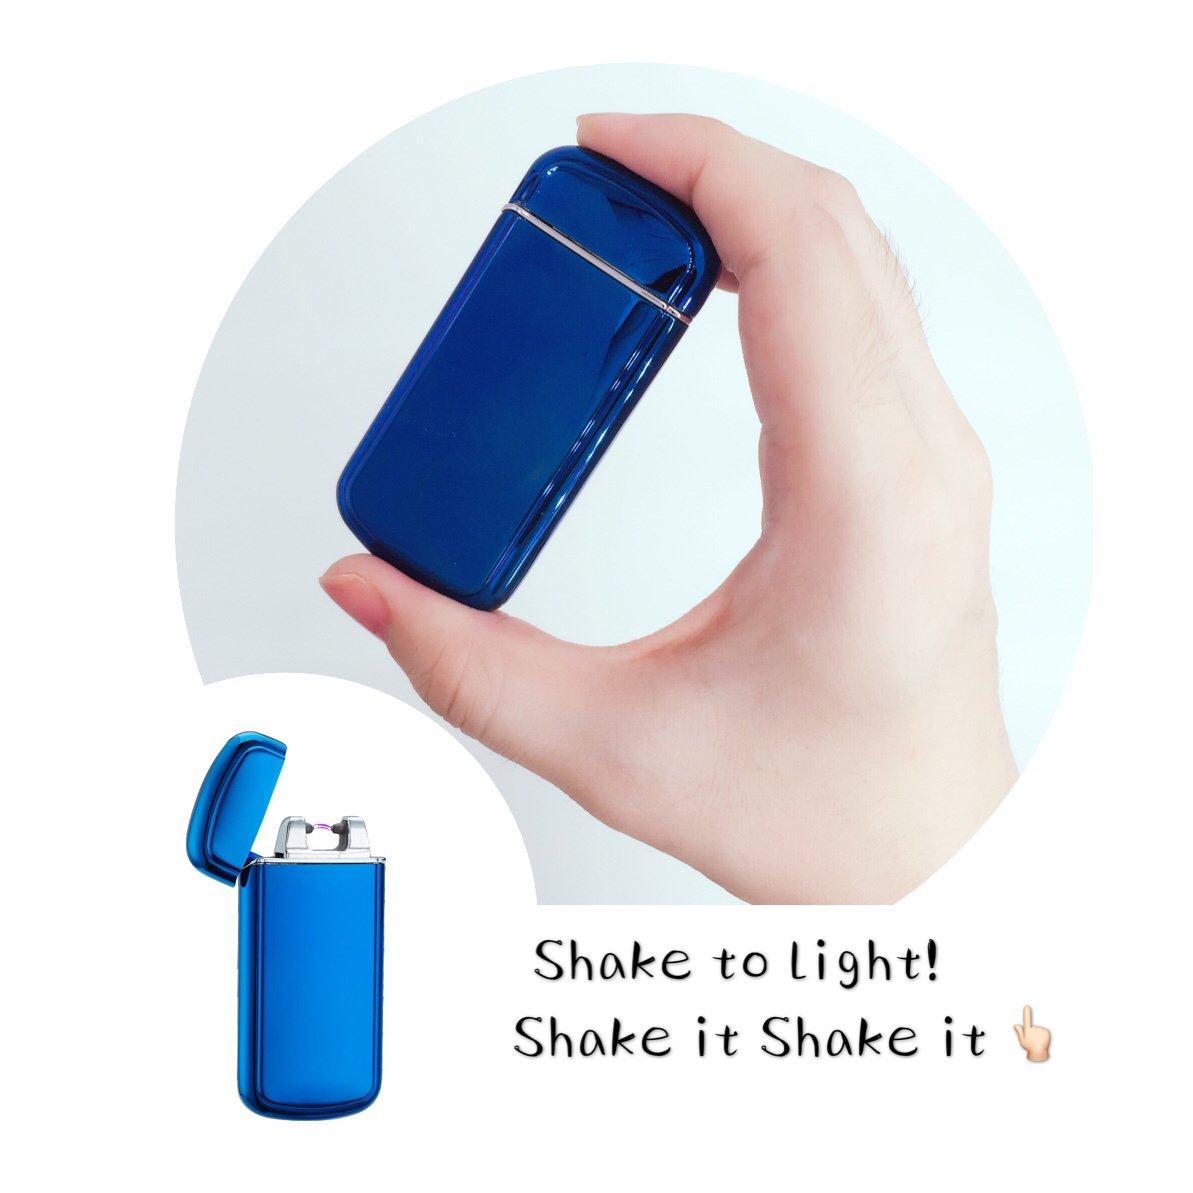 ElectricライターシェイクセンサーUSB充電式防風円弧ライタープラズマ梁ライターと充電ケーブルとギフトボックス B01KAB7UHY  ブルー